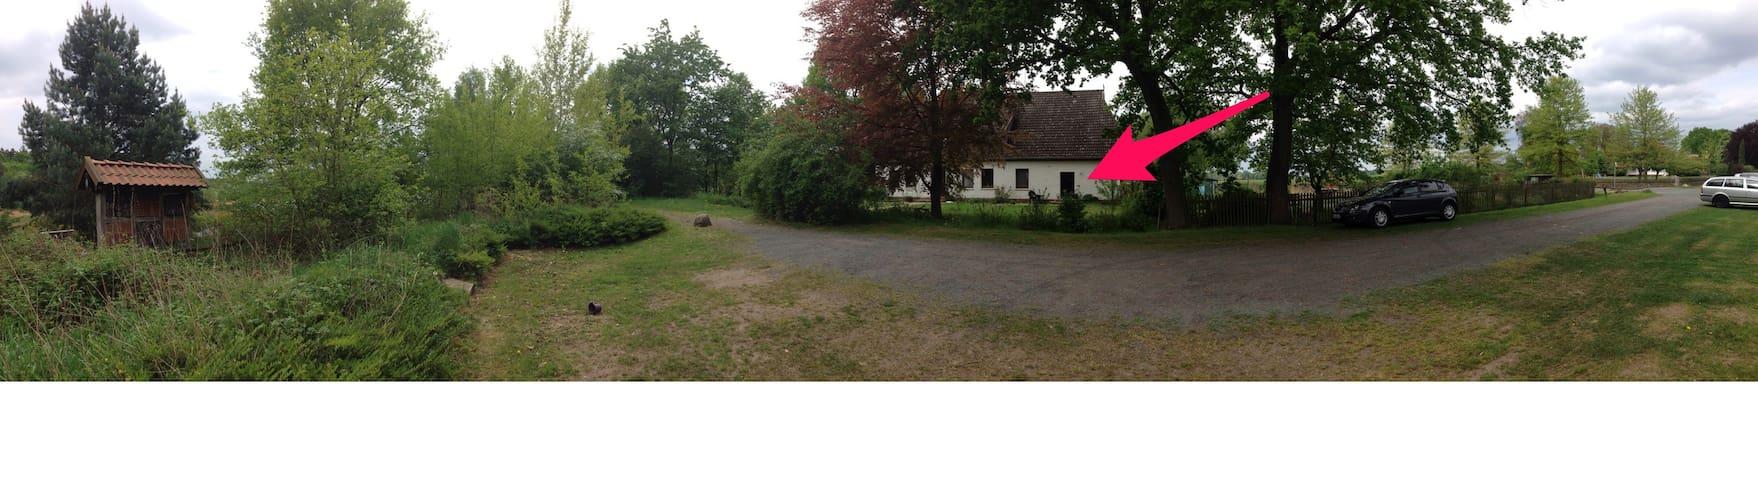 Haus am See - Uelzen - Appartement